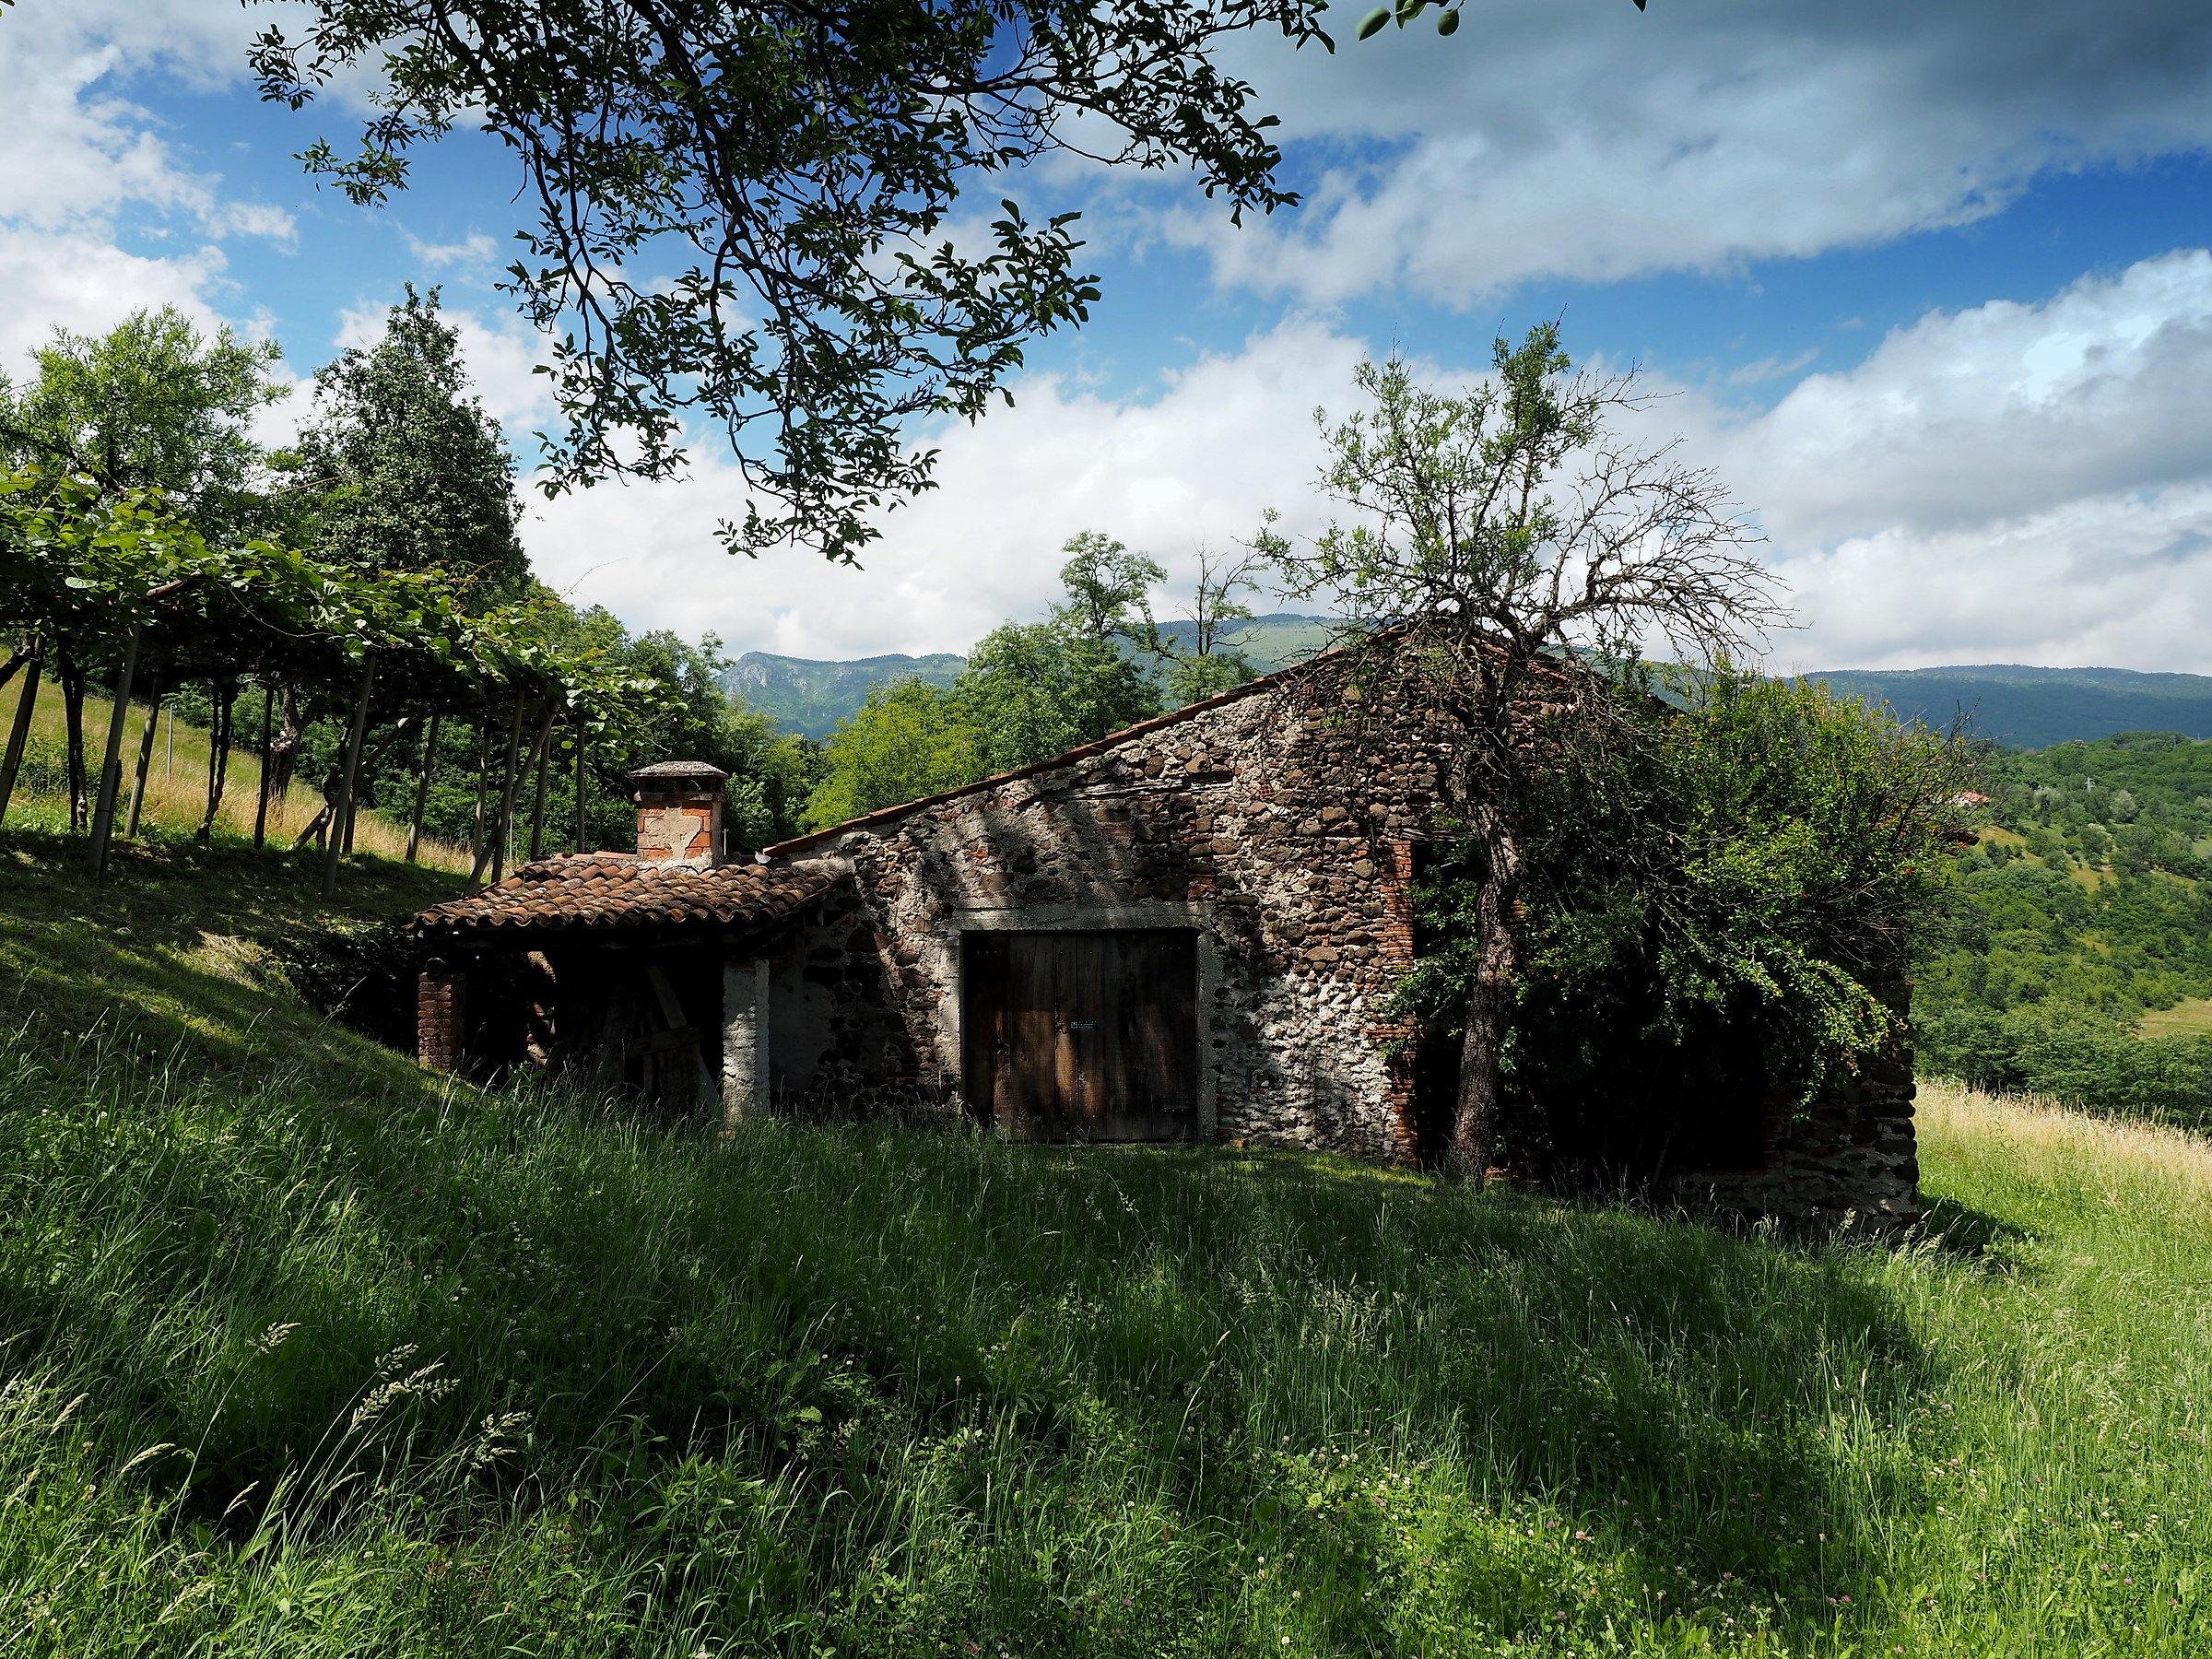 Bregonze hills of ......